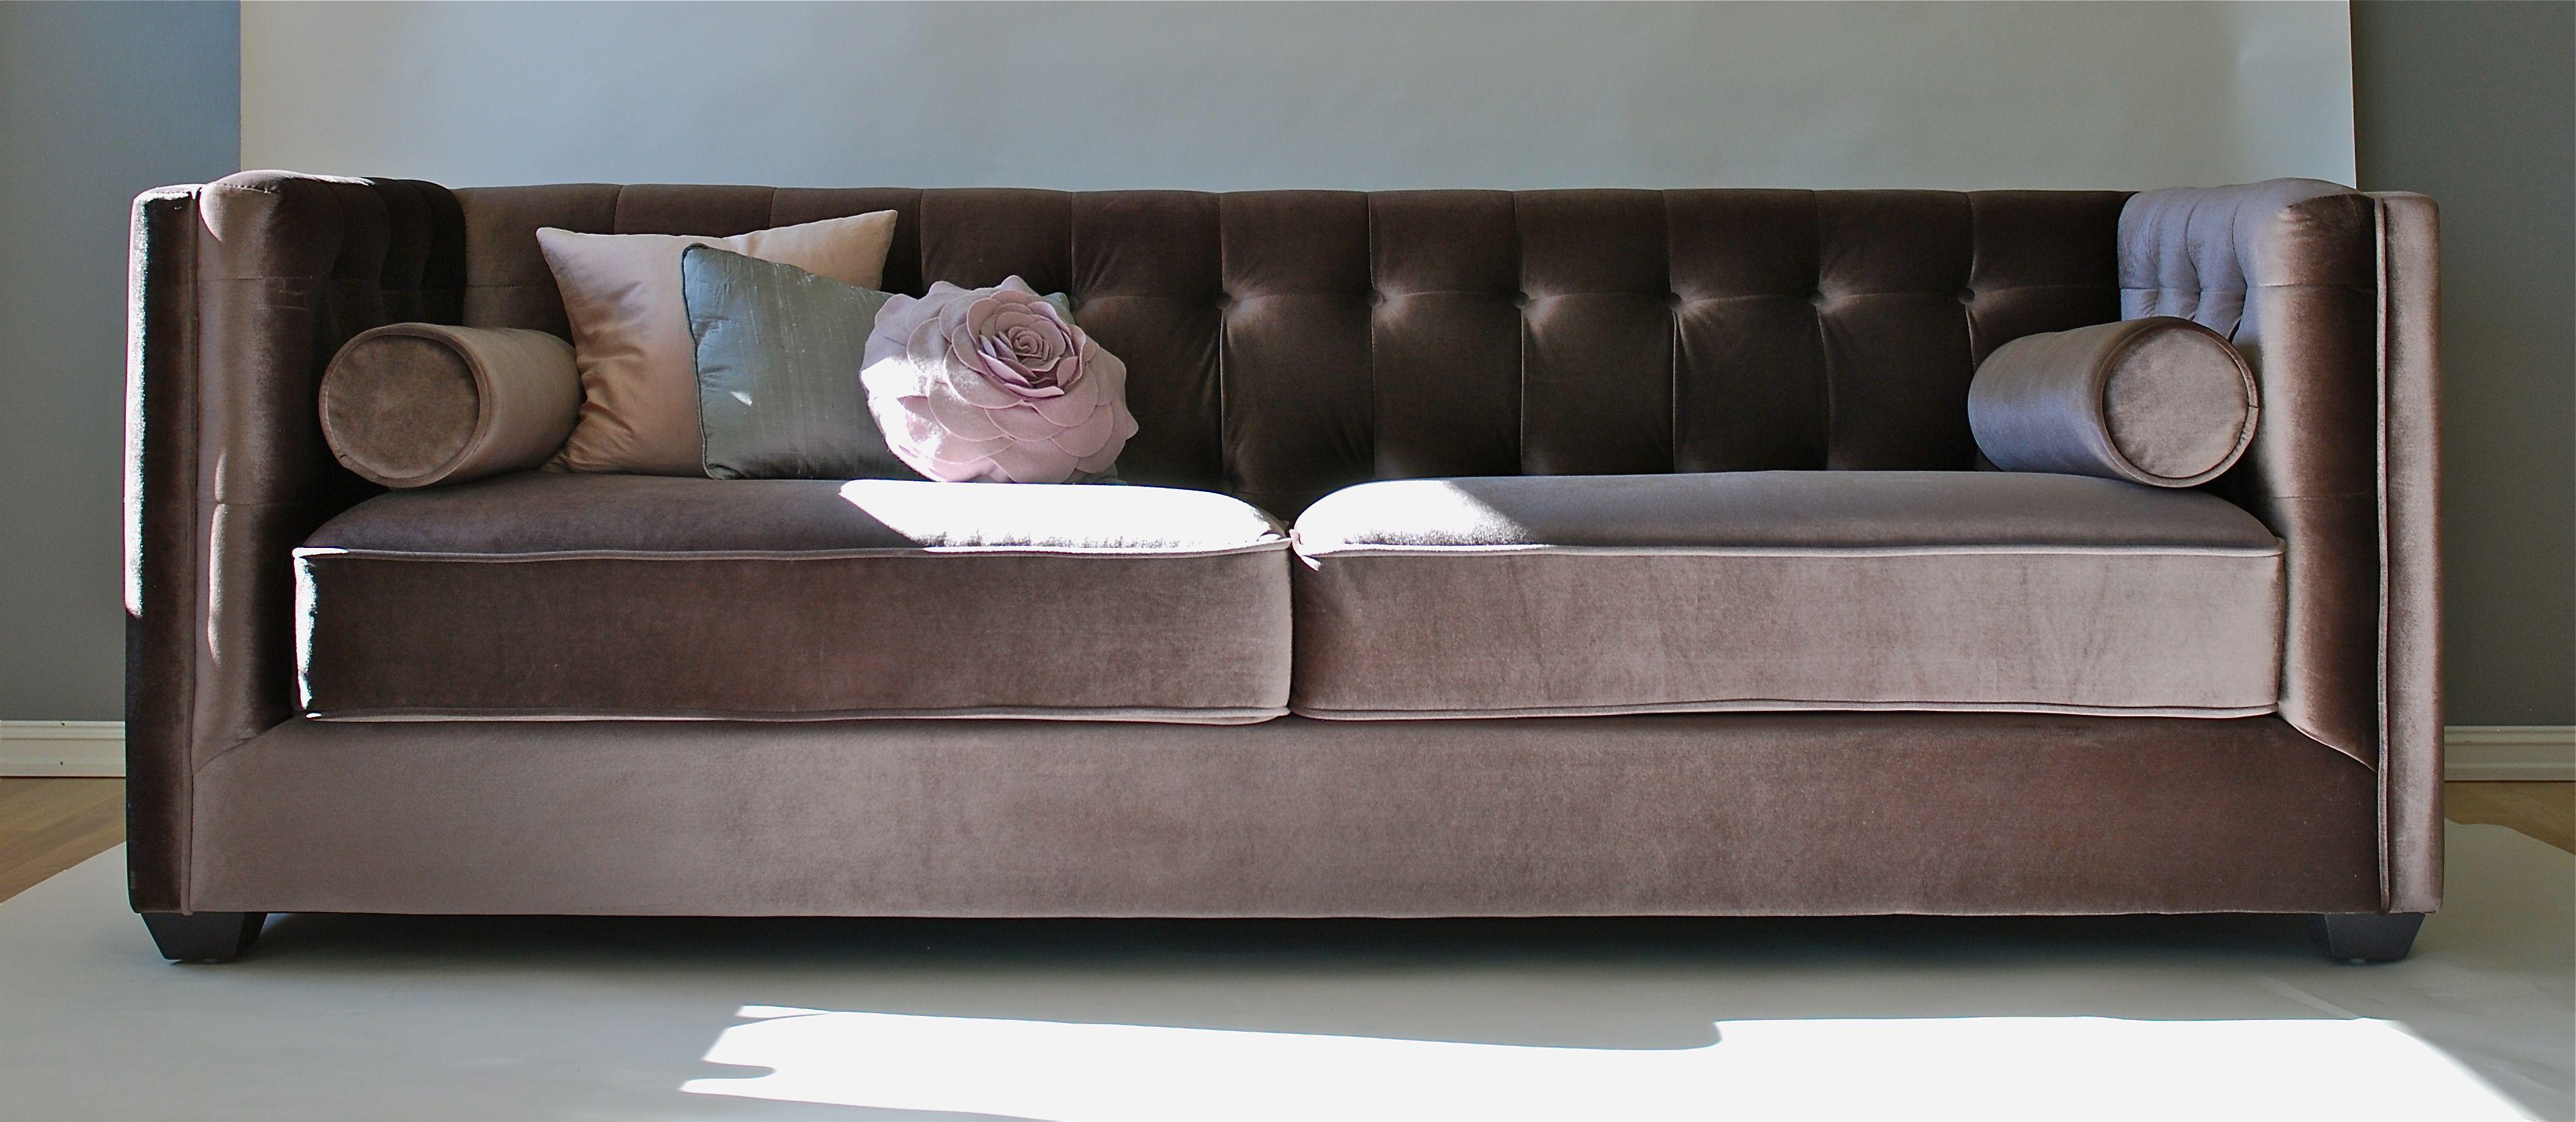 Lekker sofa i grå/brun velour.